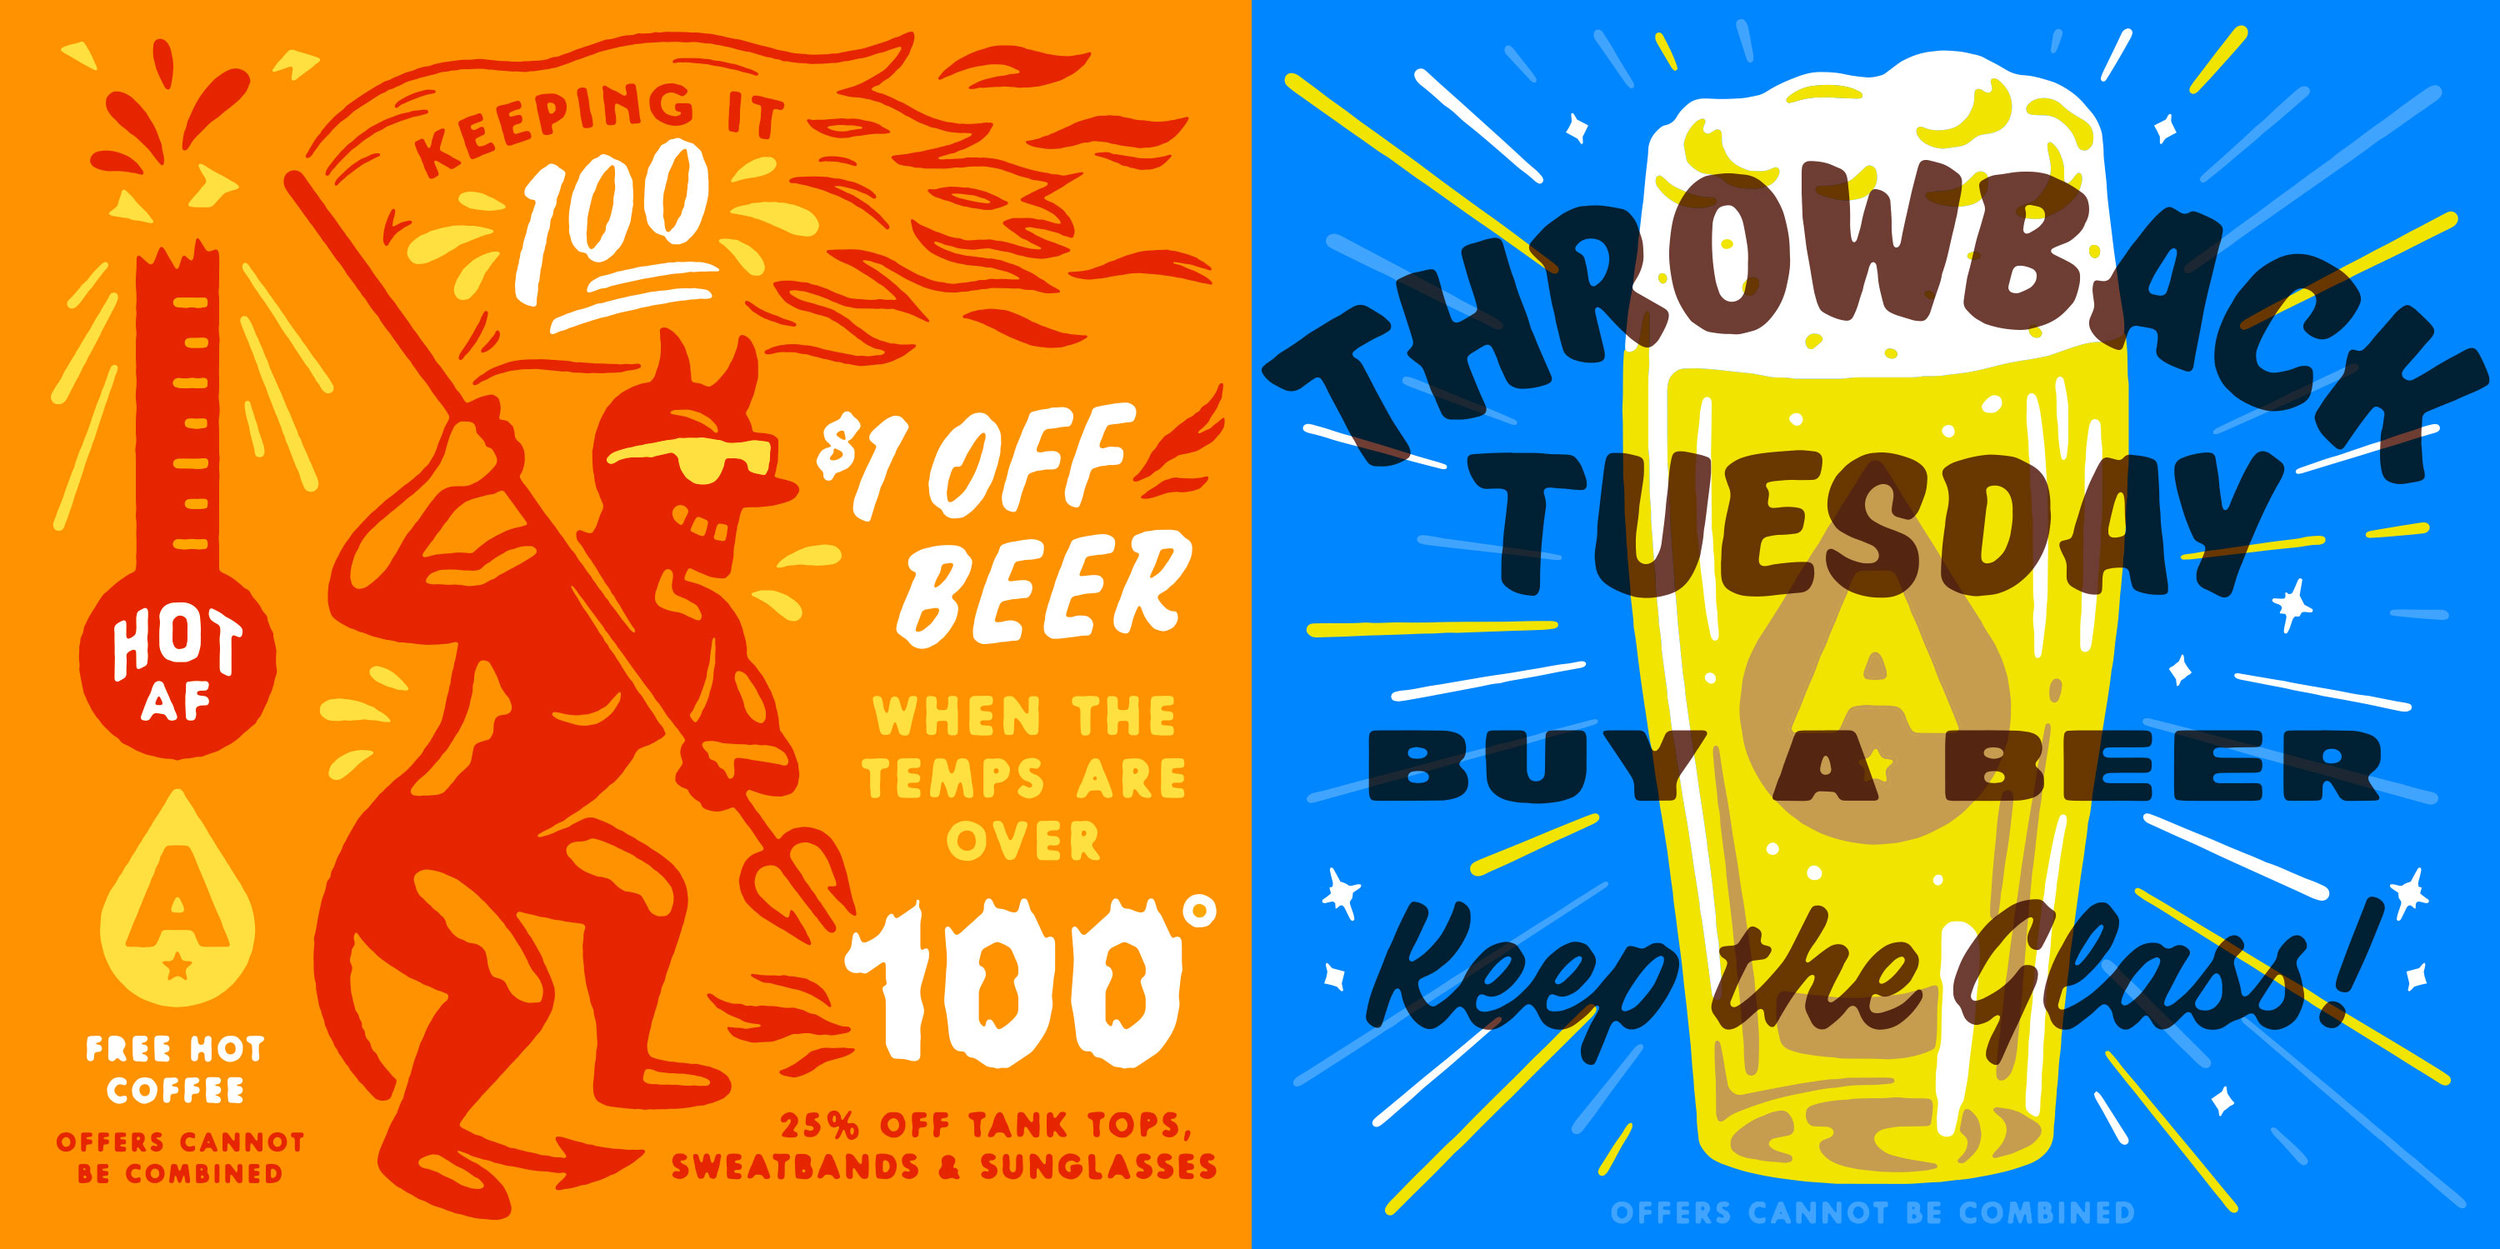 Austin Beerworks Specials